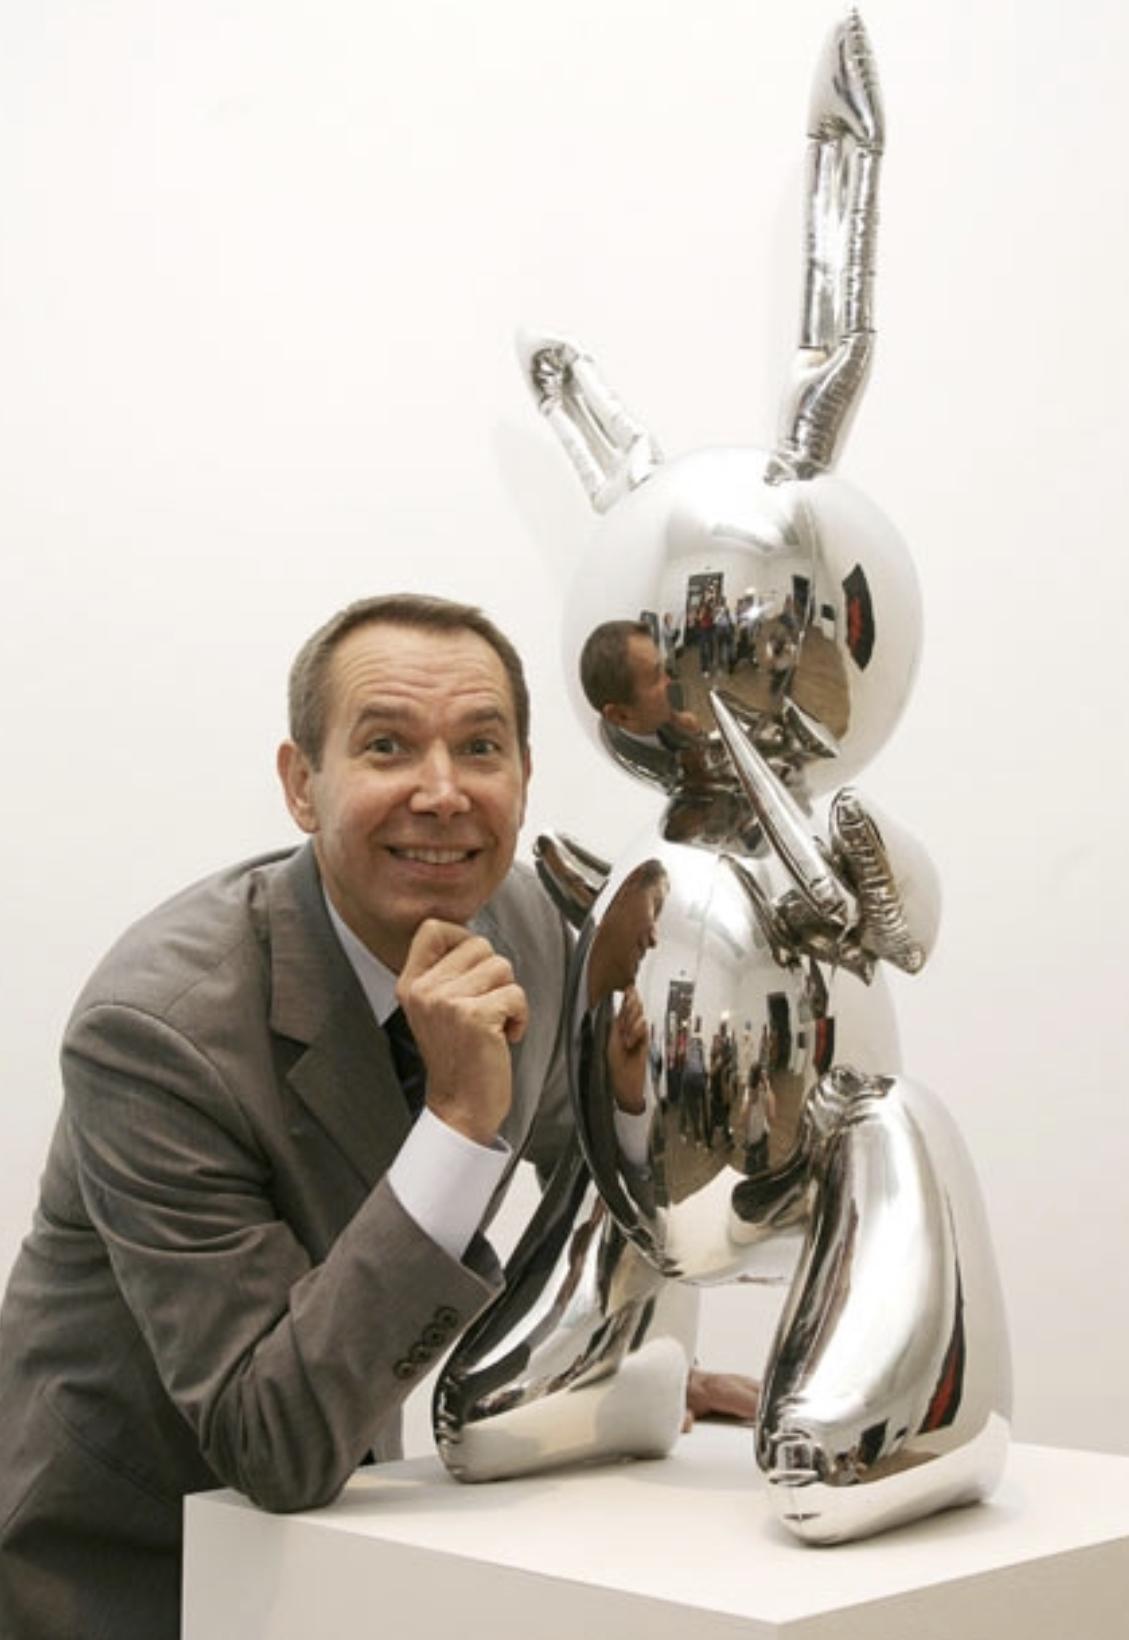 뉴욕 크리스티 경매에서 약 1085억원에 낙찰된 제프 쿤스 작품 '토끼'는 생존작가의 최고 기록이다..jpg